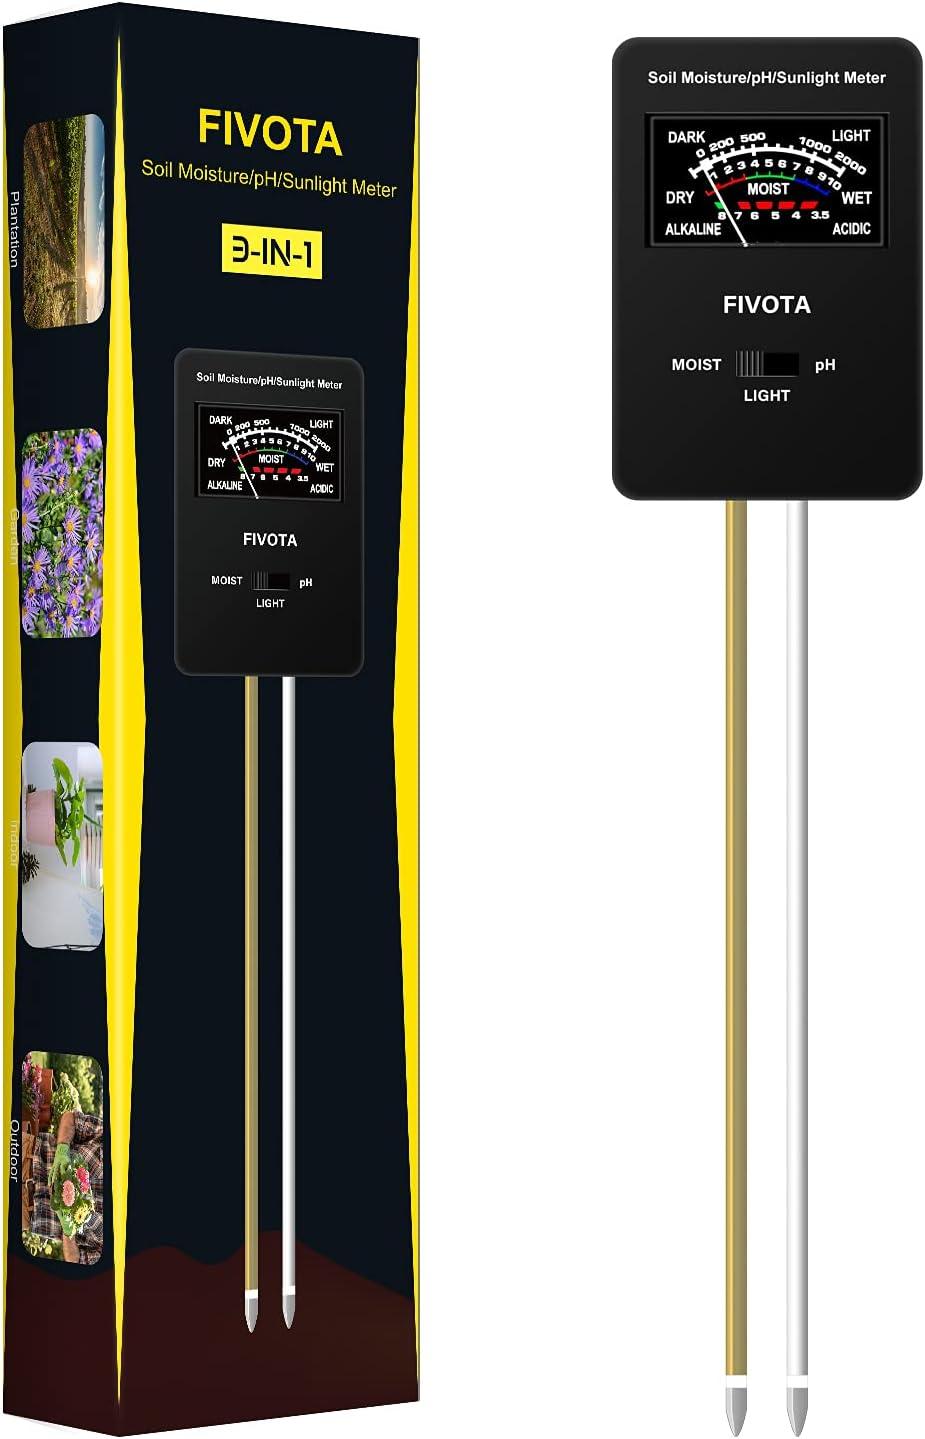 Fivota Soil pH Meter, FV03 Upgraded Large Screen Soil Moisture/Sunlight/pH Tester Backyard Soil Test kit, Reliable Gardening Soil Tool for Garden, Farm, Lawn Indoor & Outdoor Use